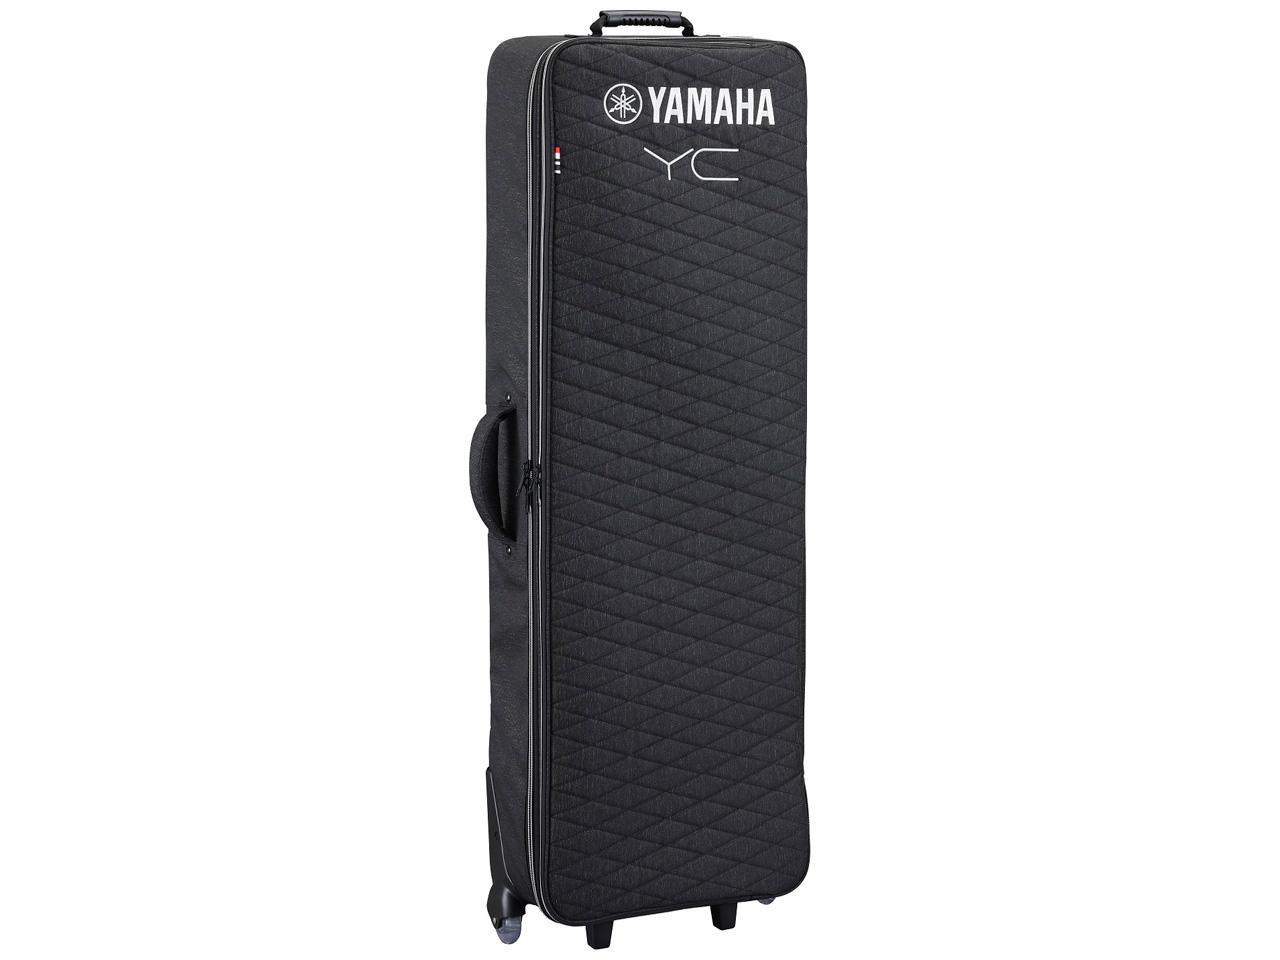 【即納可能】YAMAHA SC-YC73(新品)【送料無料】